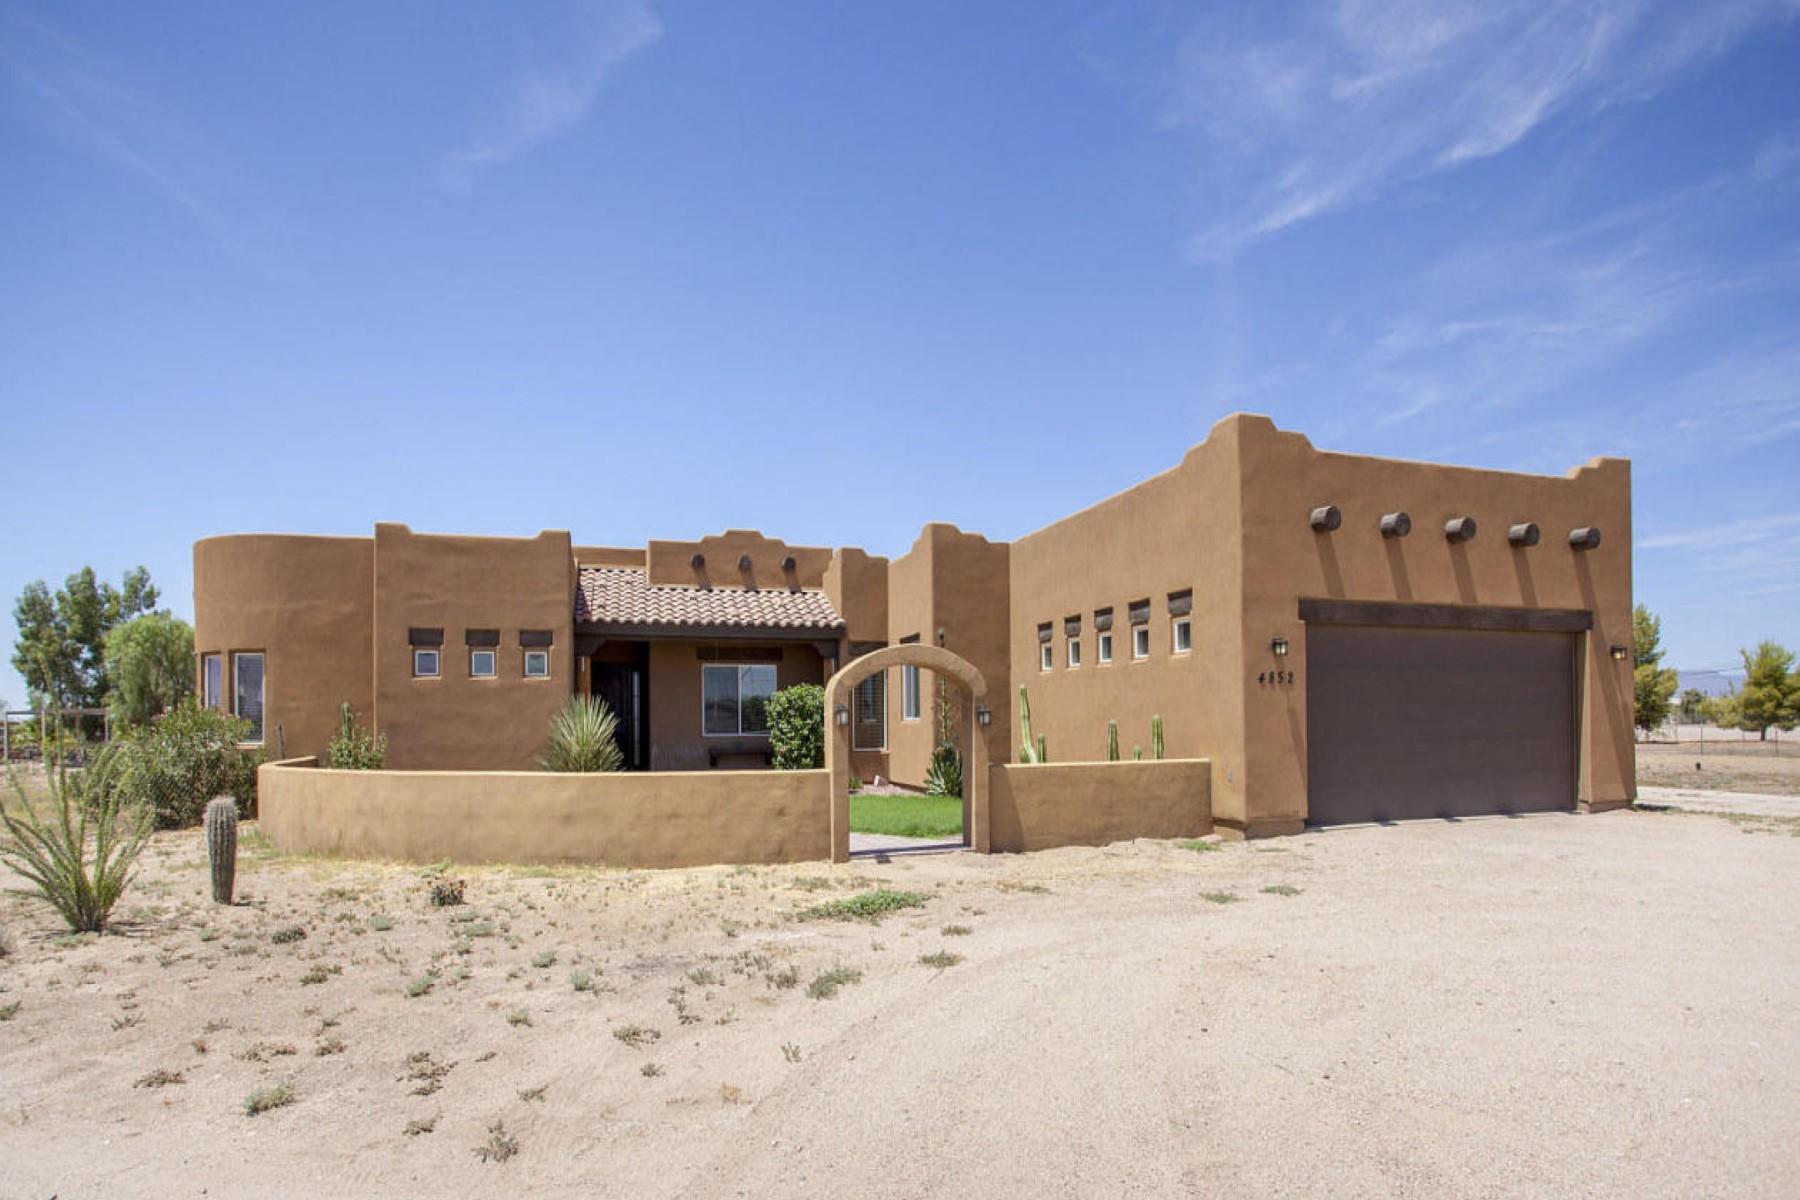 Nhà ở một gia đình vì Bán tại Wonderful custom home on over 1.5 acre lot. 4852 E ASCOT DR San Tan Valley, Arizona 85140 Hoa Kỳ